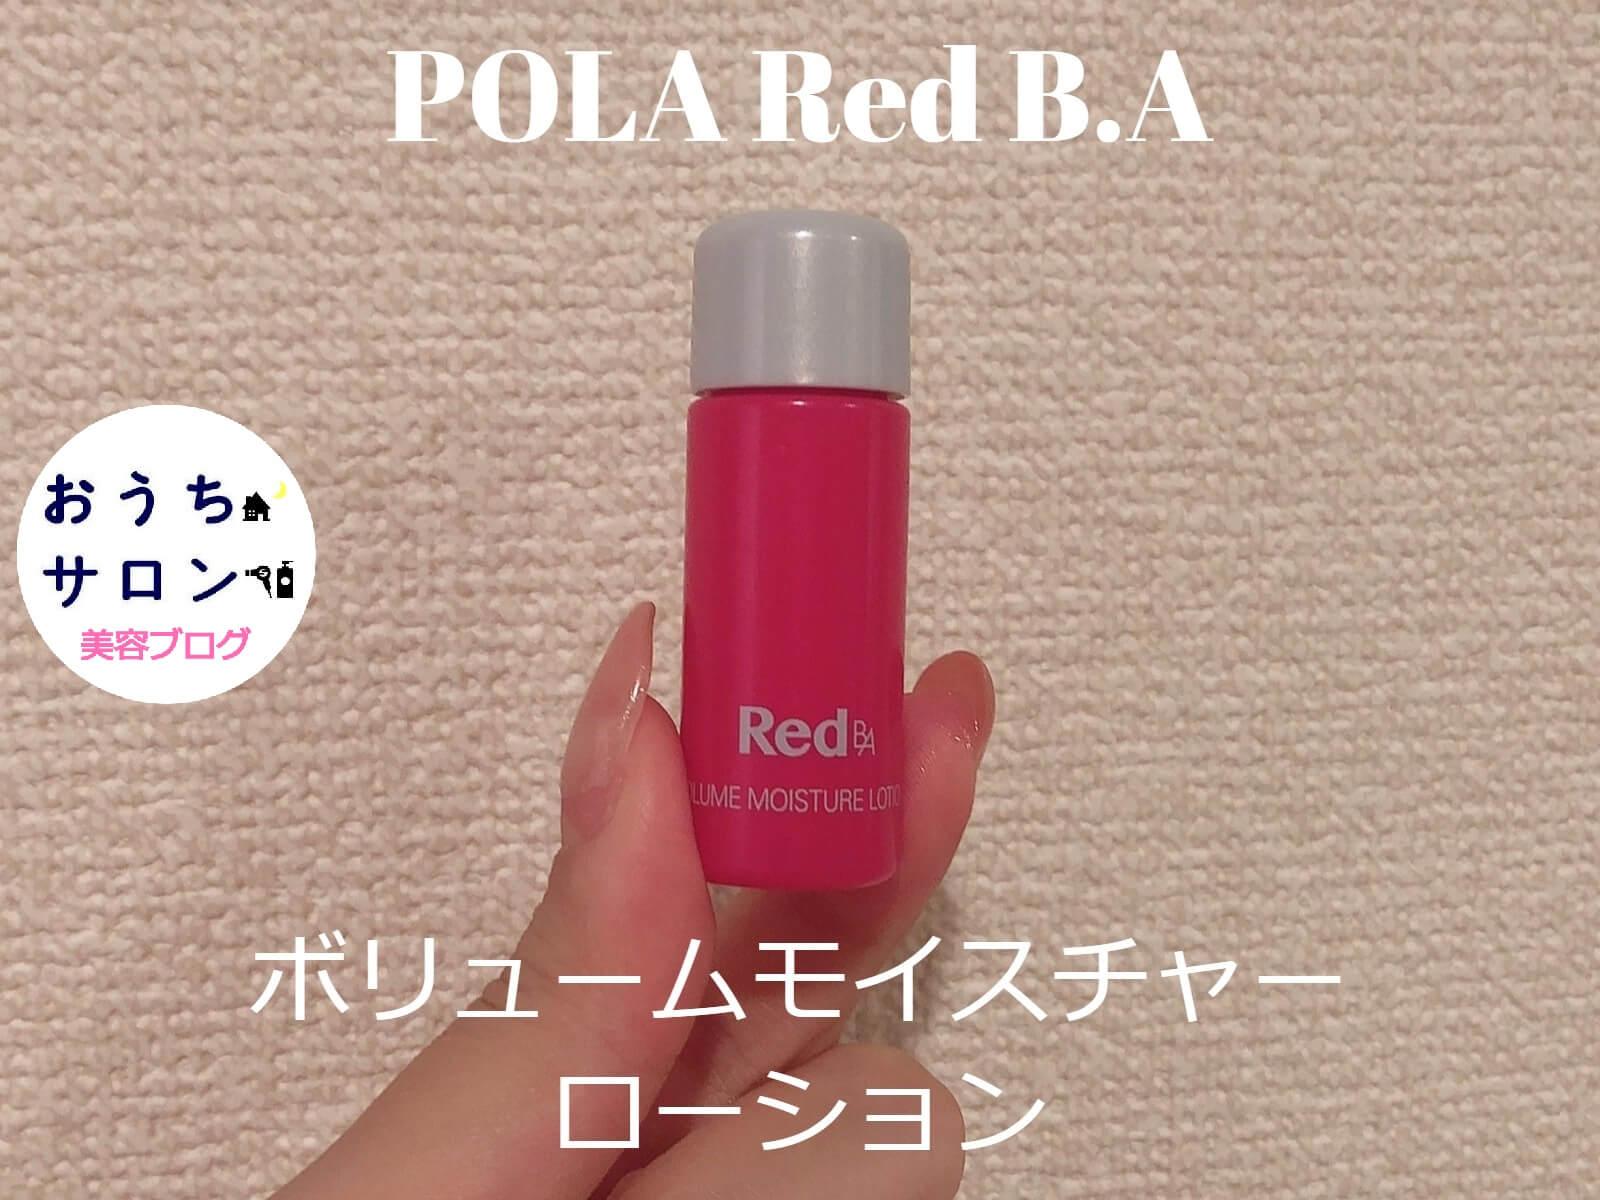 ポーラ Red B.A ローション